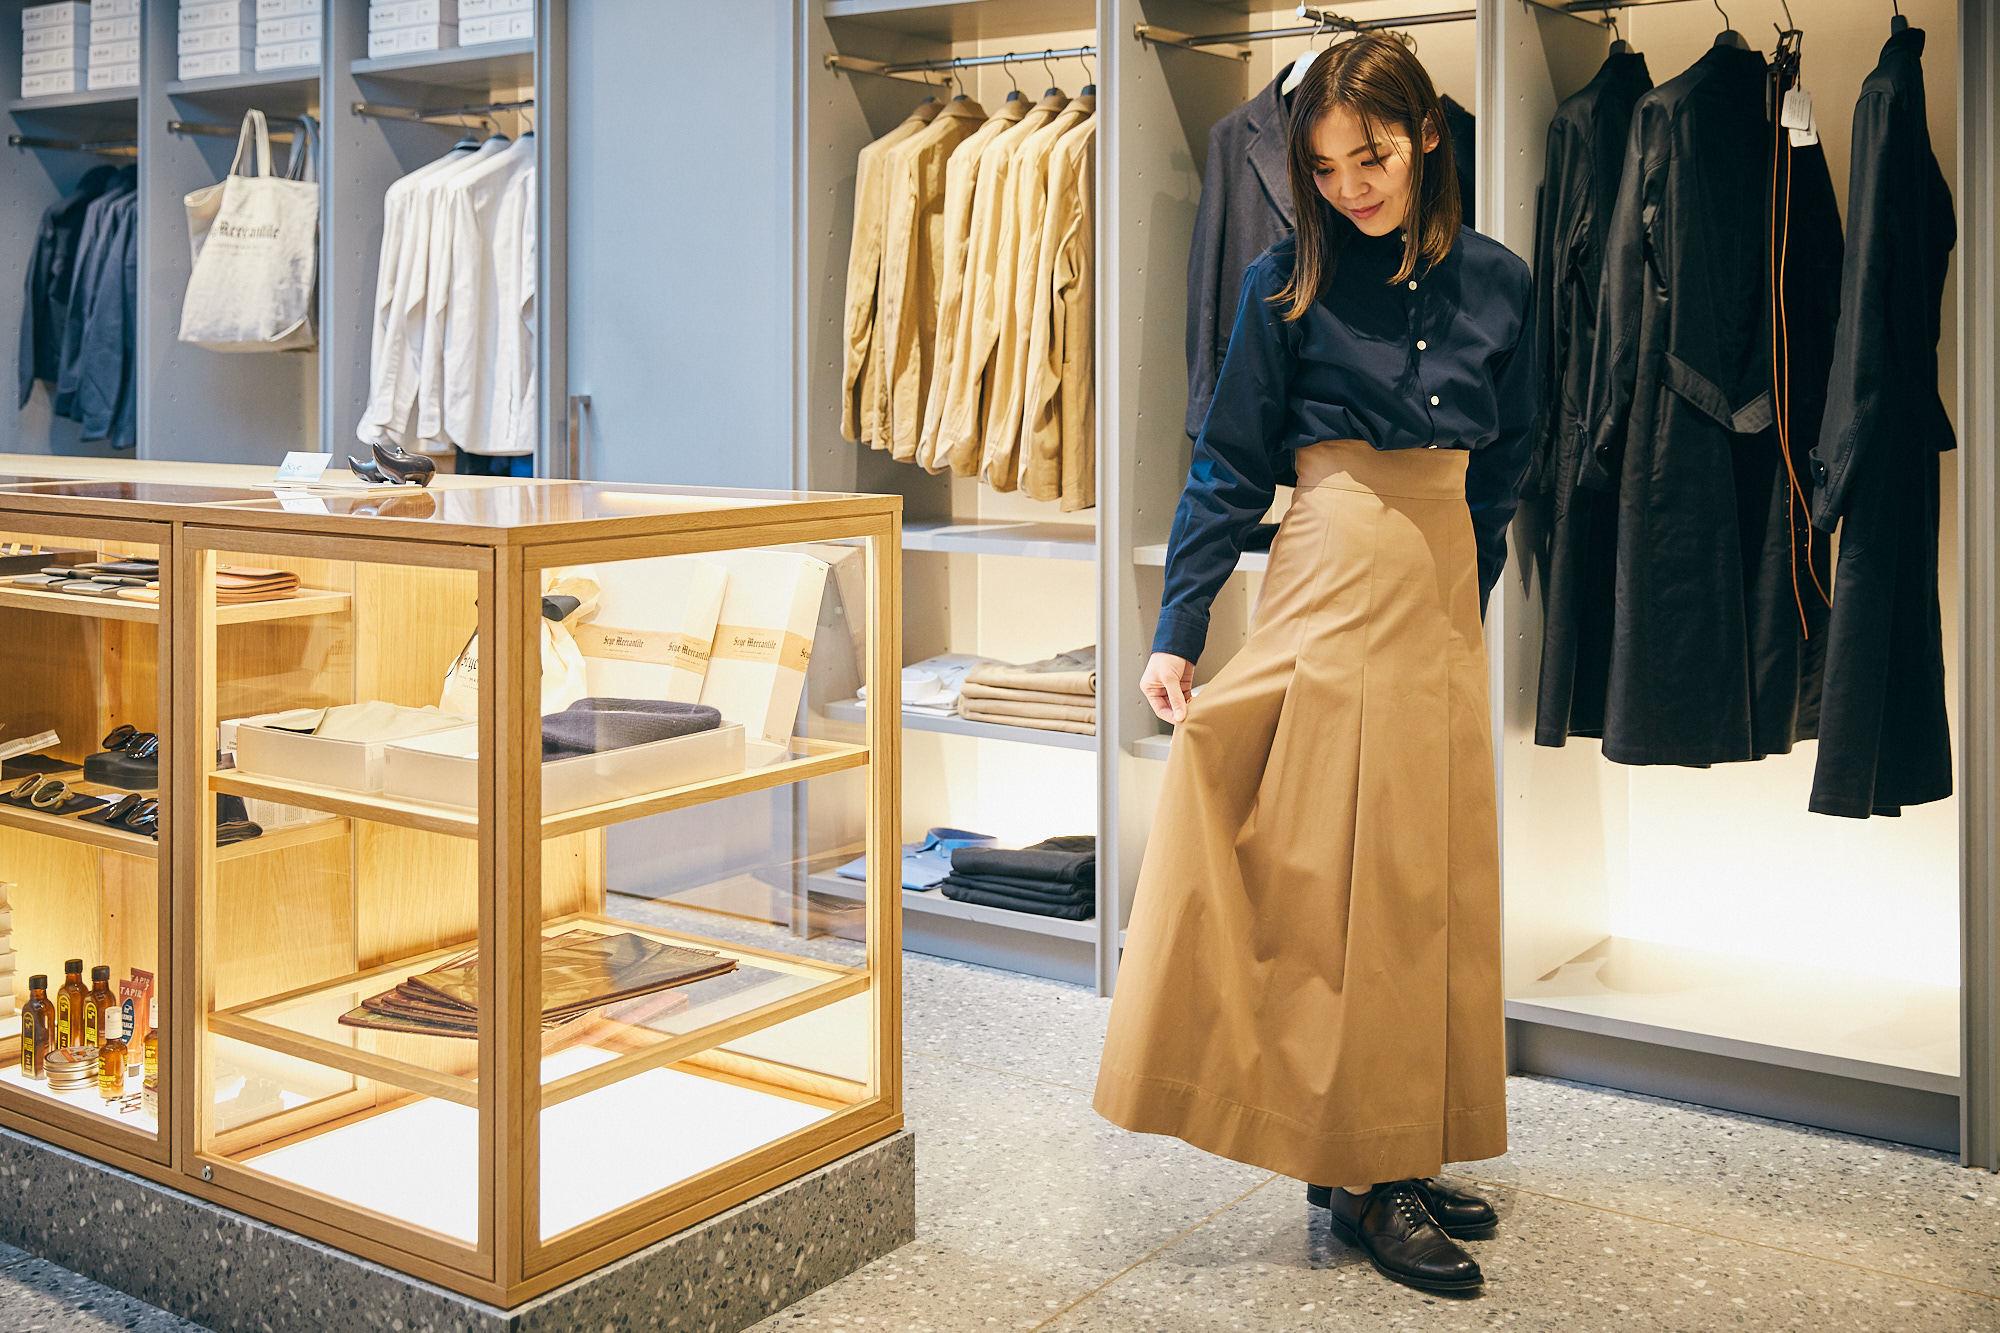 Scyeの新作スカートが春風にたなびけば、英国男子も日本男児も思わずホレてまうやろ〜!   ROOMIE(ルーミー)